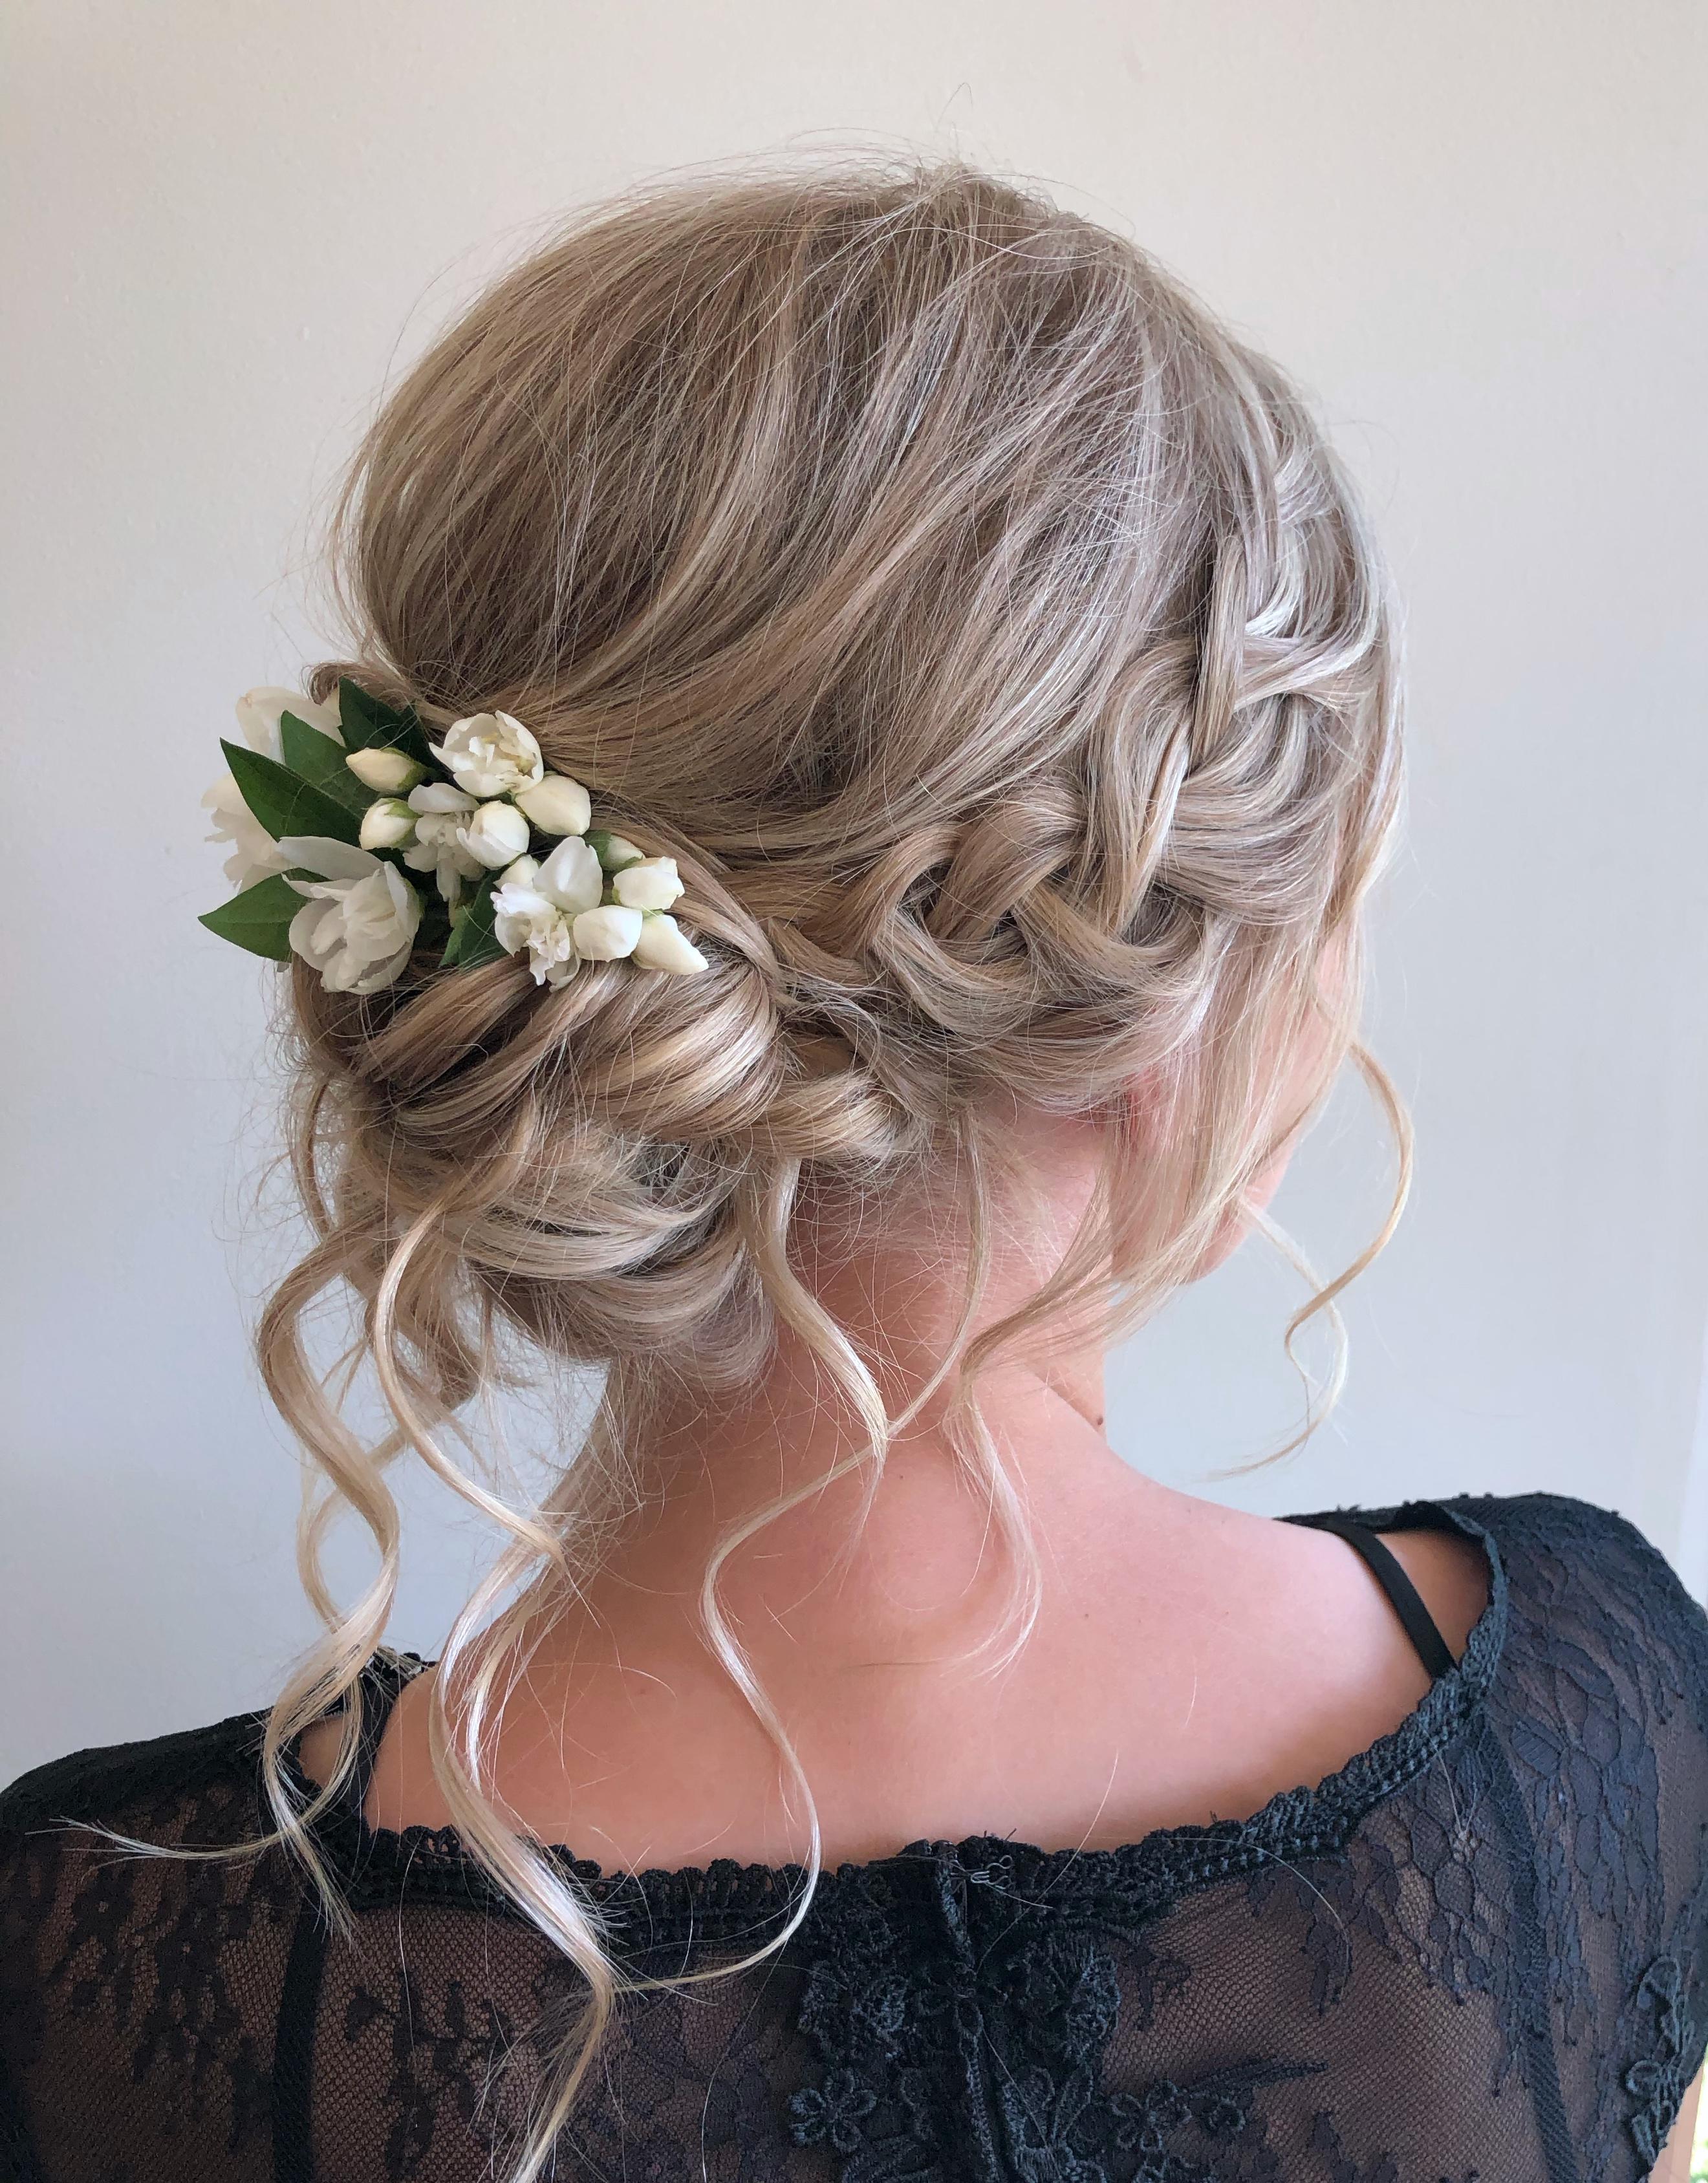 Wedding Hair | The Parlour- Hair Design by Tiffany | Abbotsford, B C